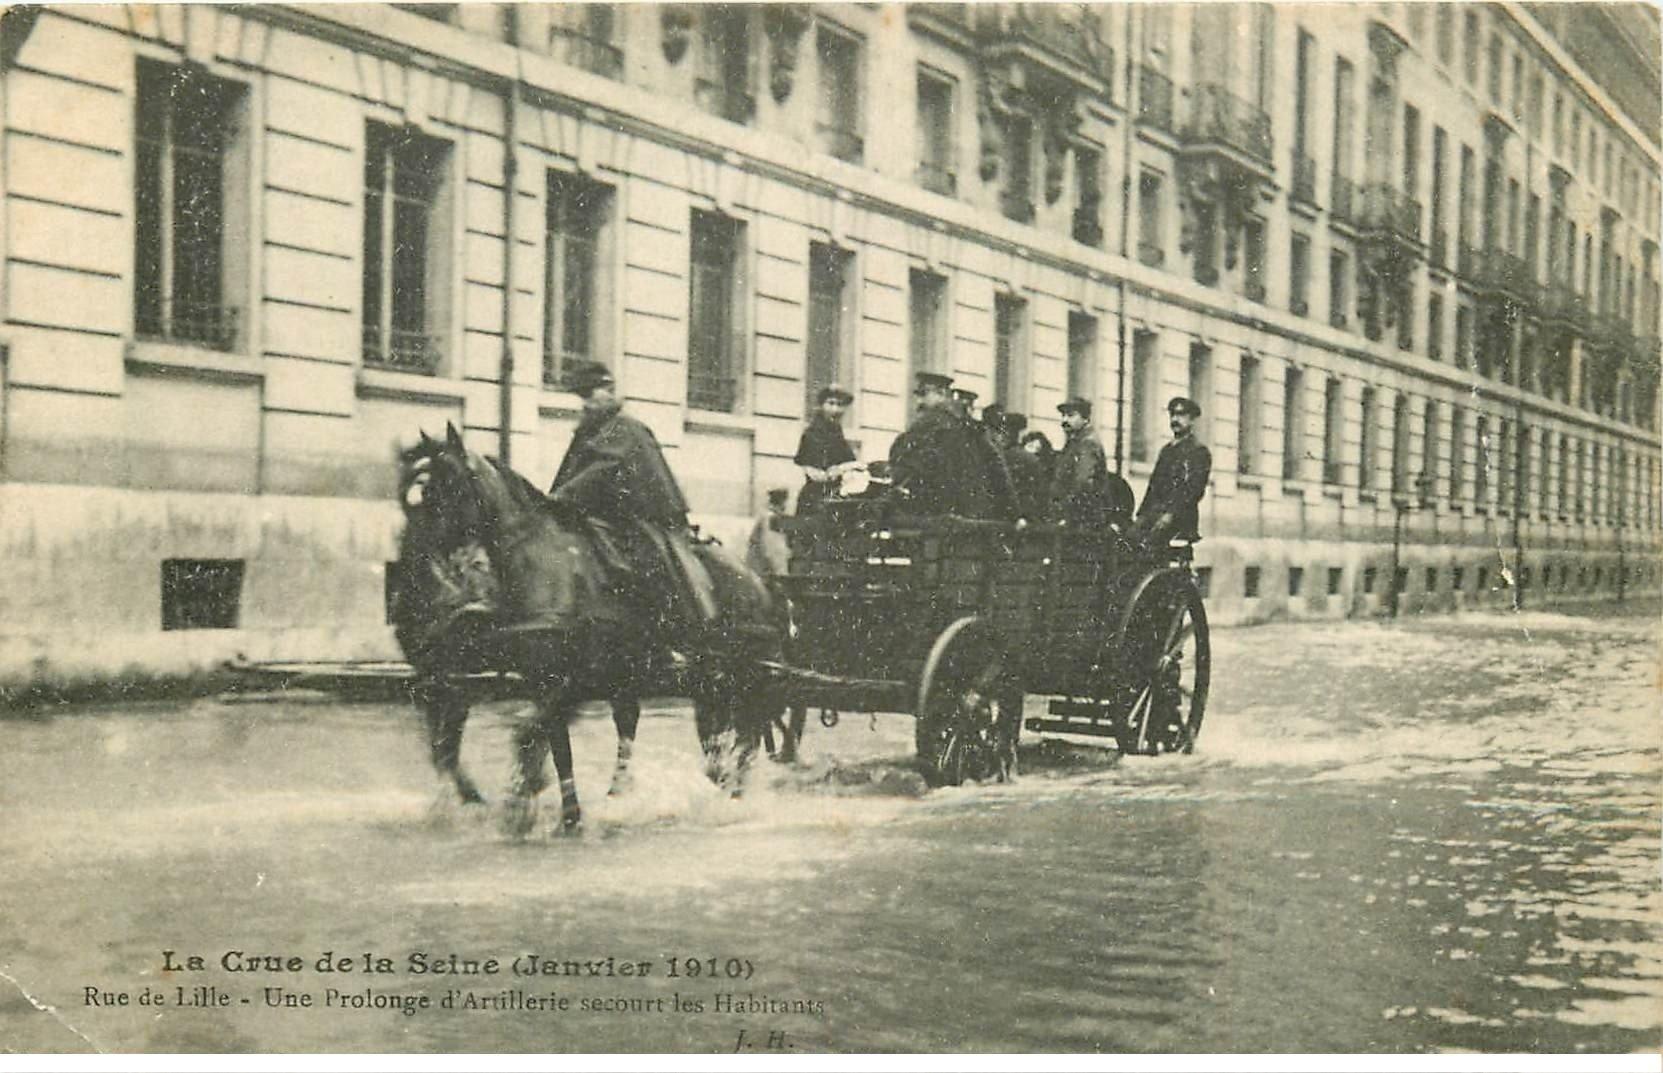 carte postale ancienne INONDATION ET CRUE PARIS 1910. Rue de Lille Artillerie secouristes. 2 plis...